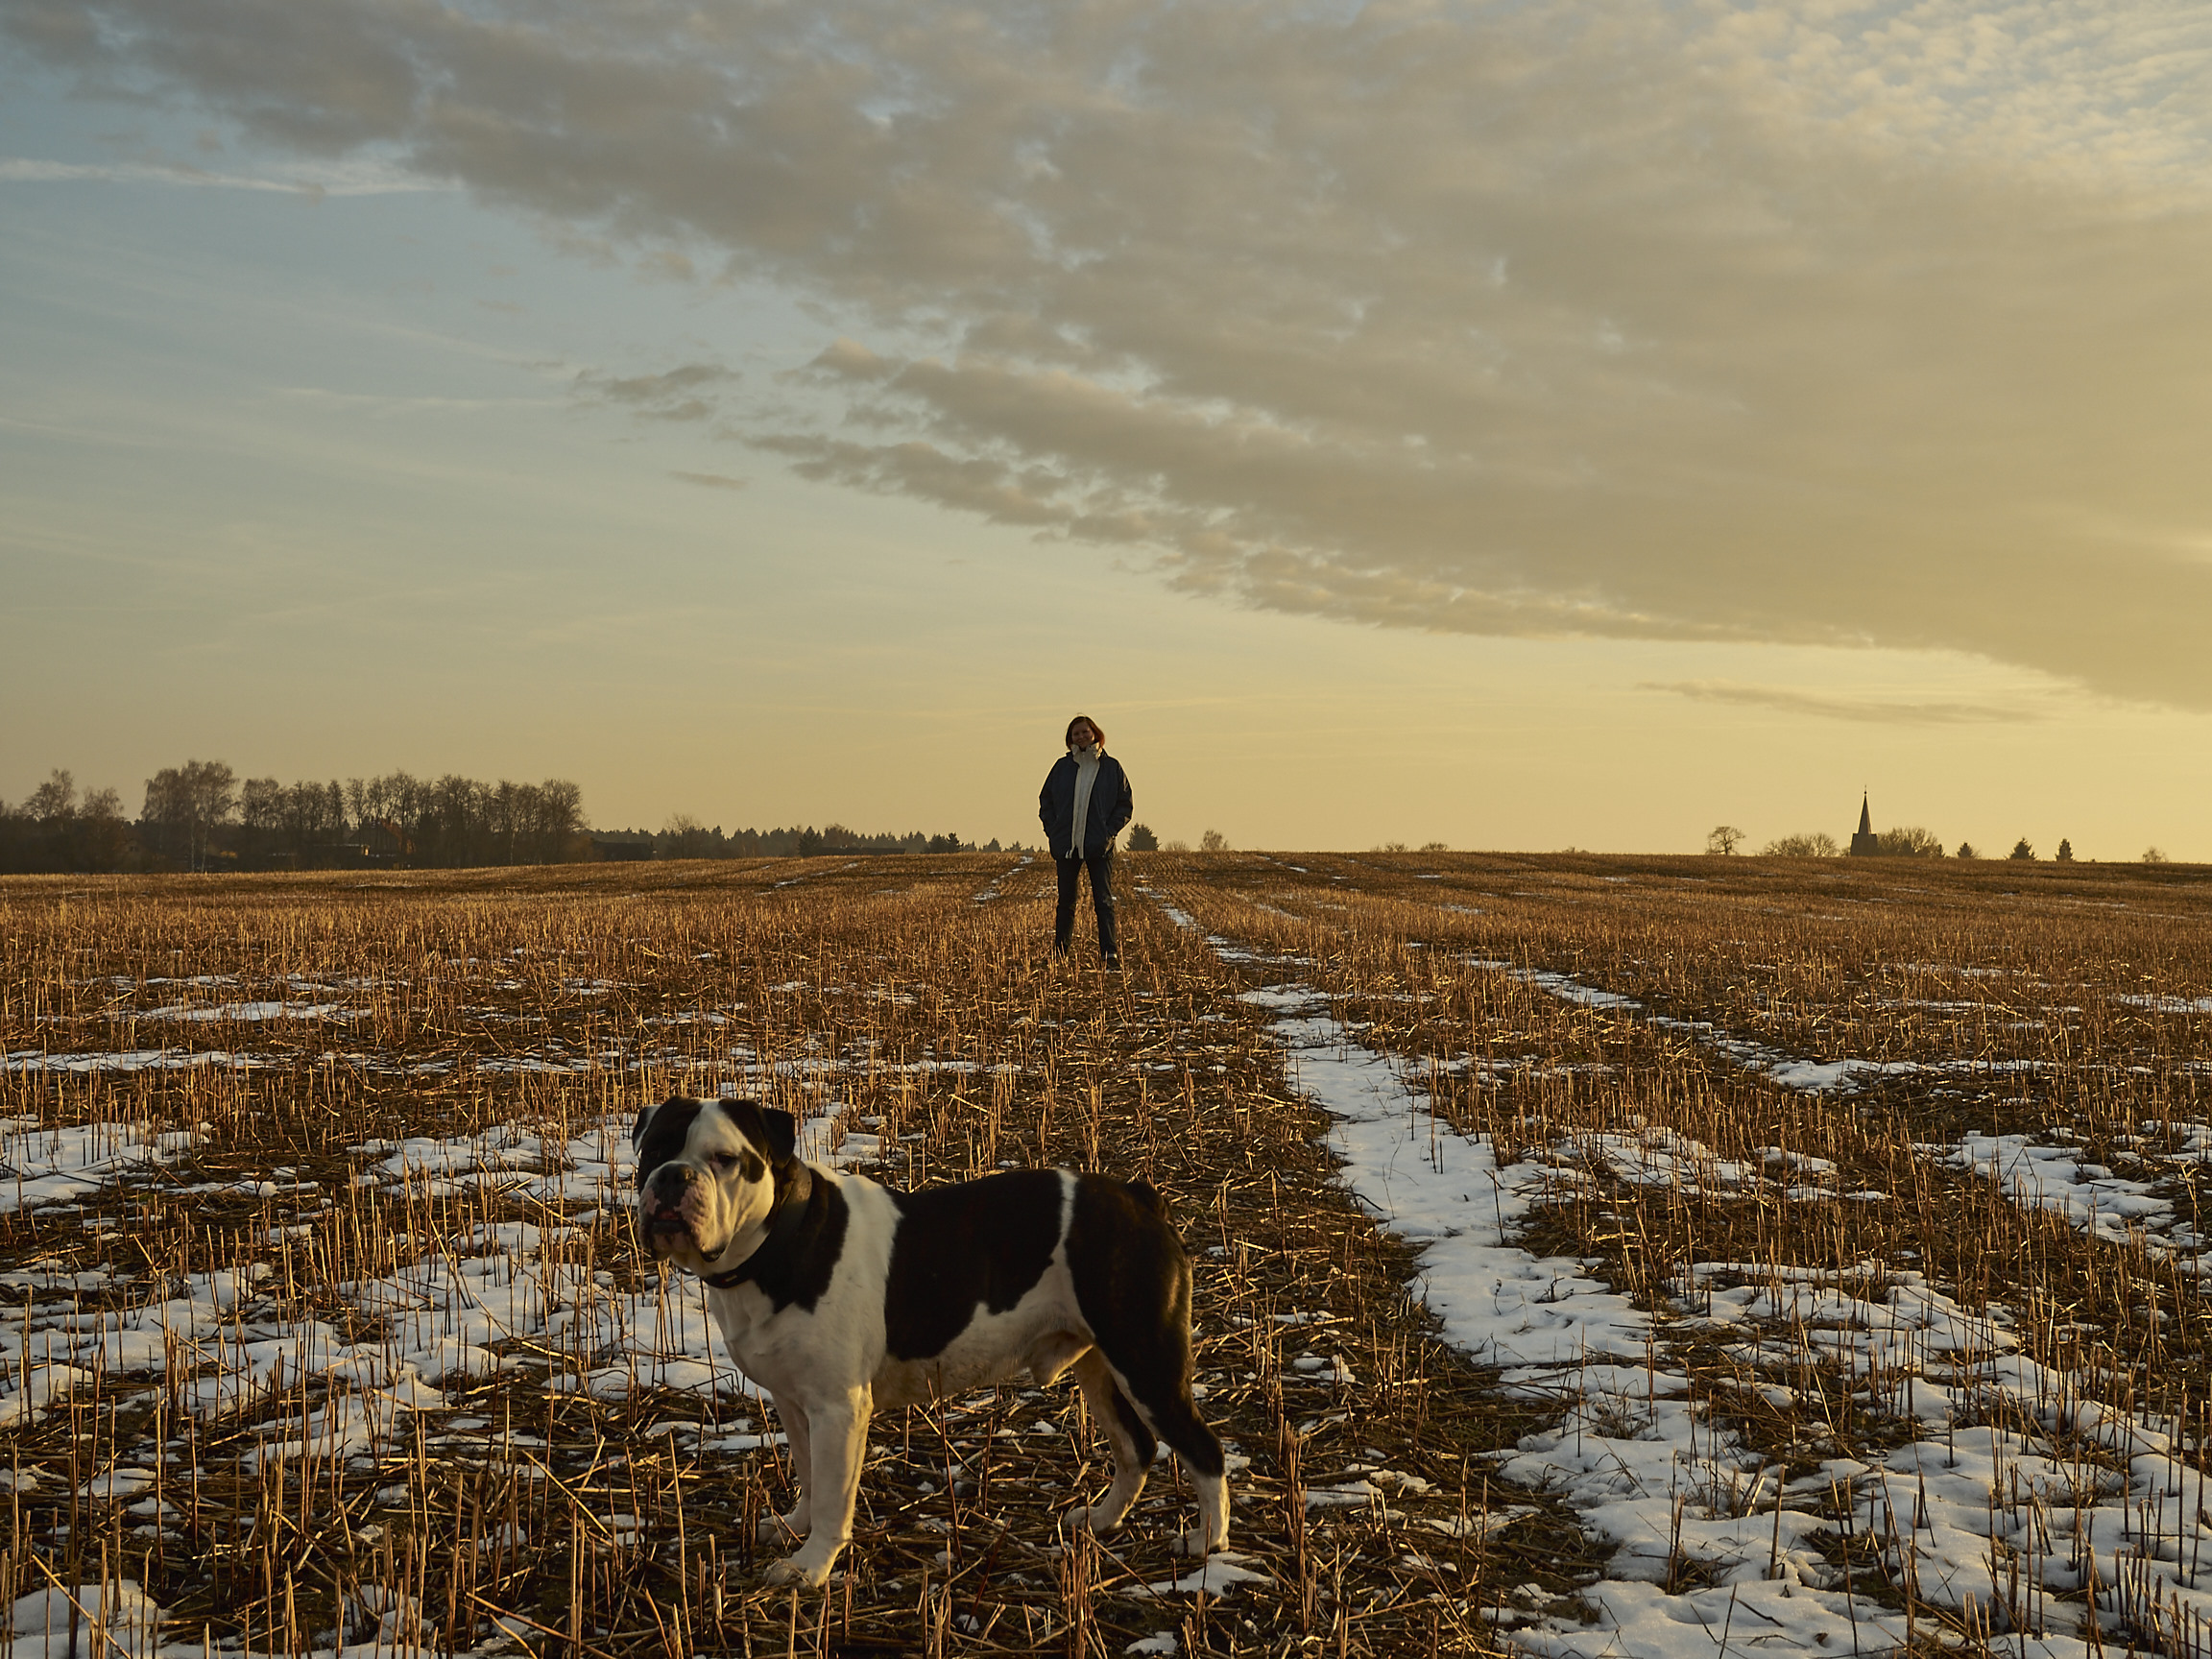 Marlenes Töchter auf dem frostigen feld mit alwin der bulldogge